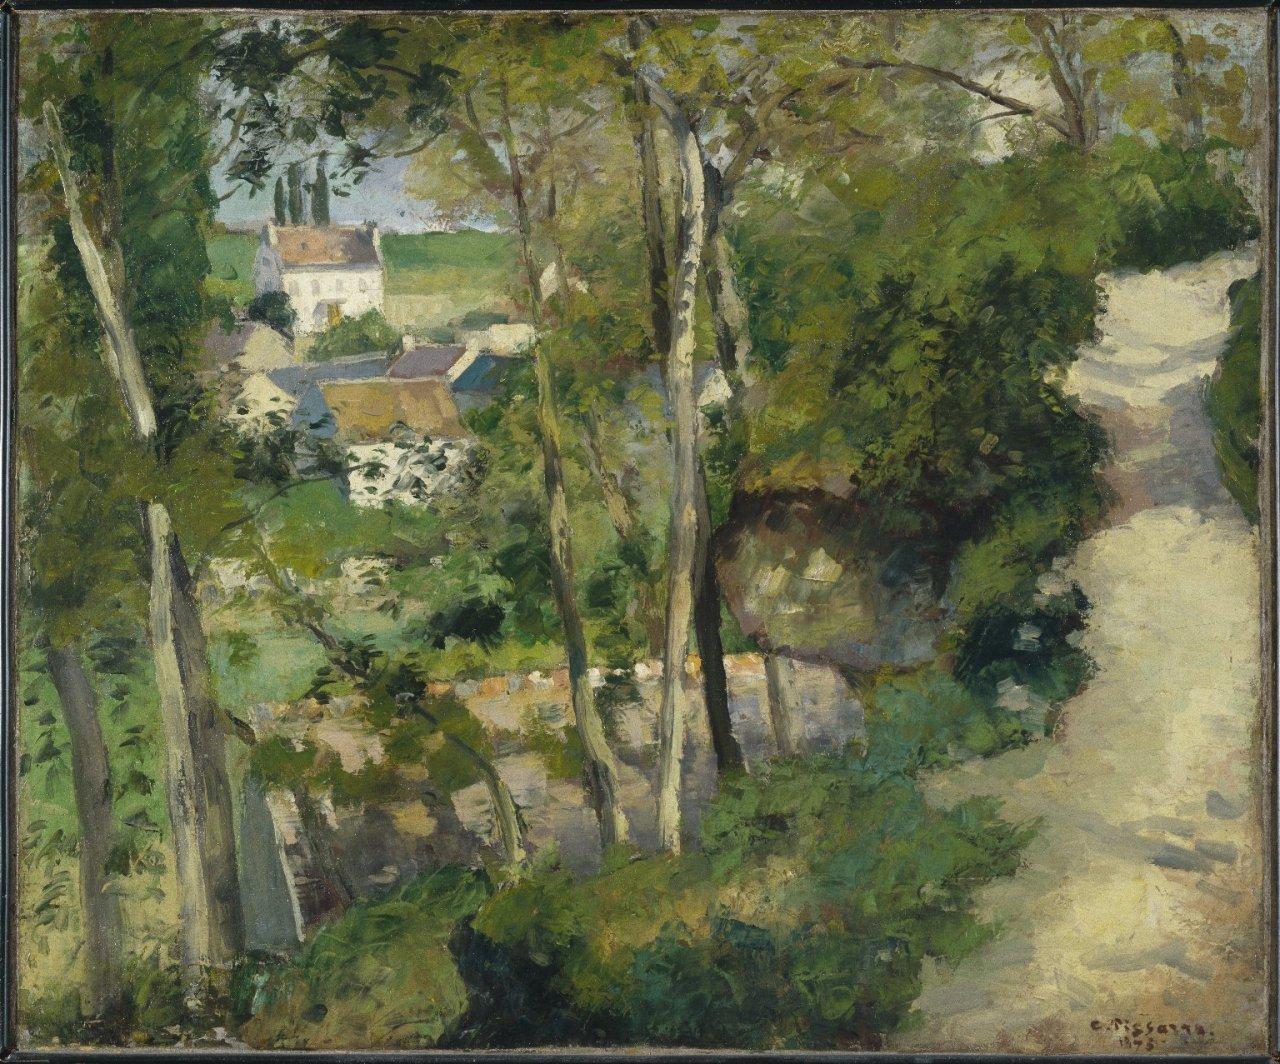 """wetreesinart: """" Camille Pissarro (Fr., 1830-1903), Chemin montant, rue de la Côte-du-Jalet, Pontoise, 1875, huile sur toile, 54 x 65.7 cm, New York, Brooklyn Museum """""""